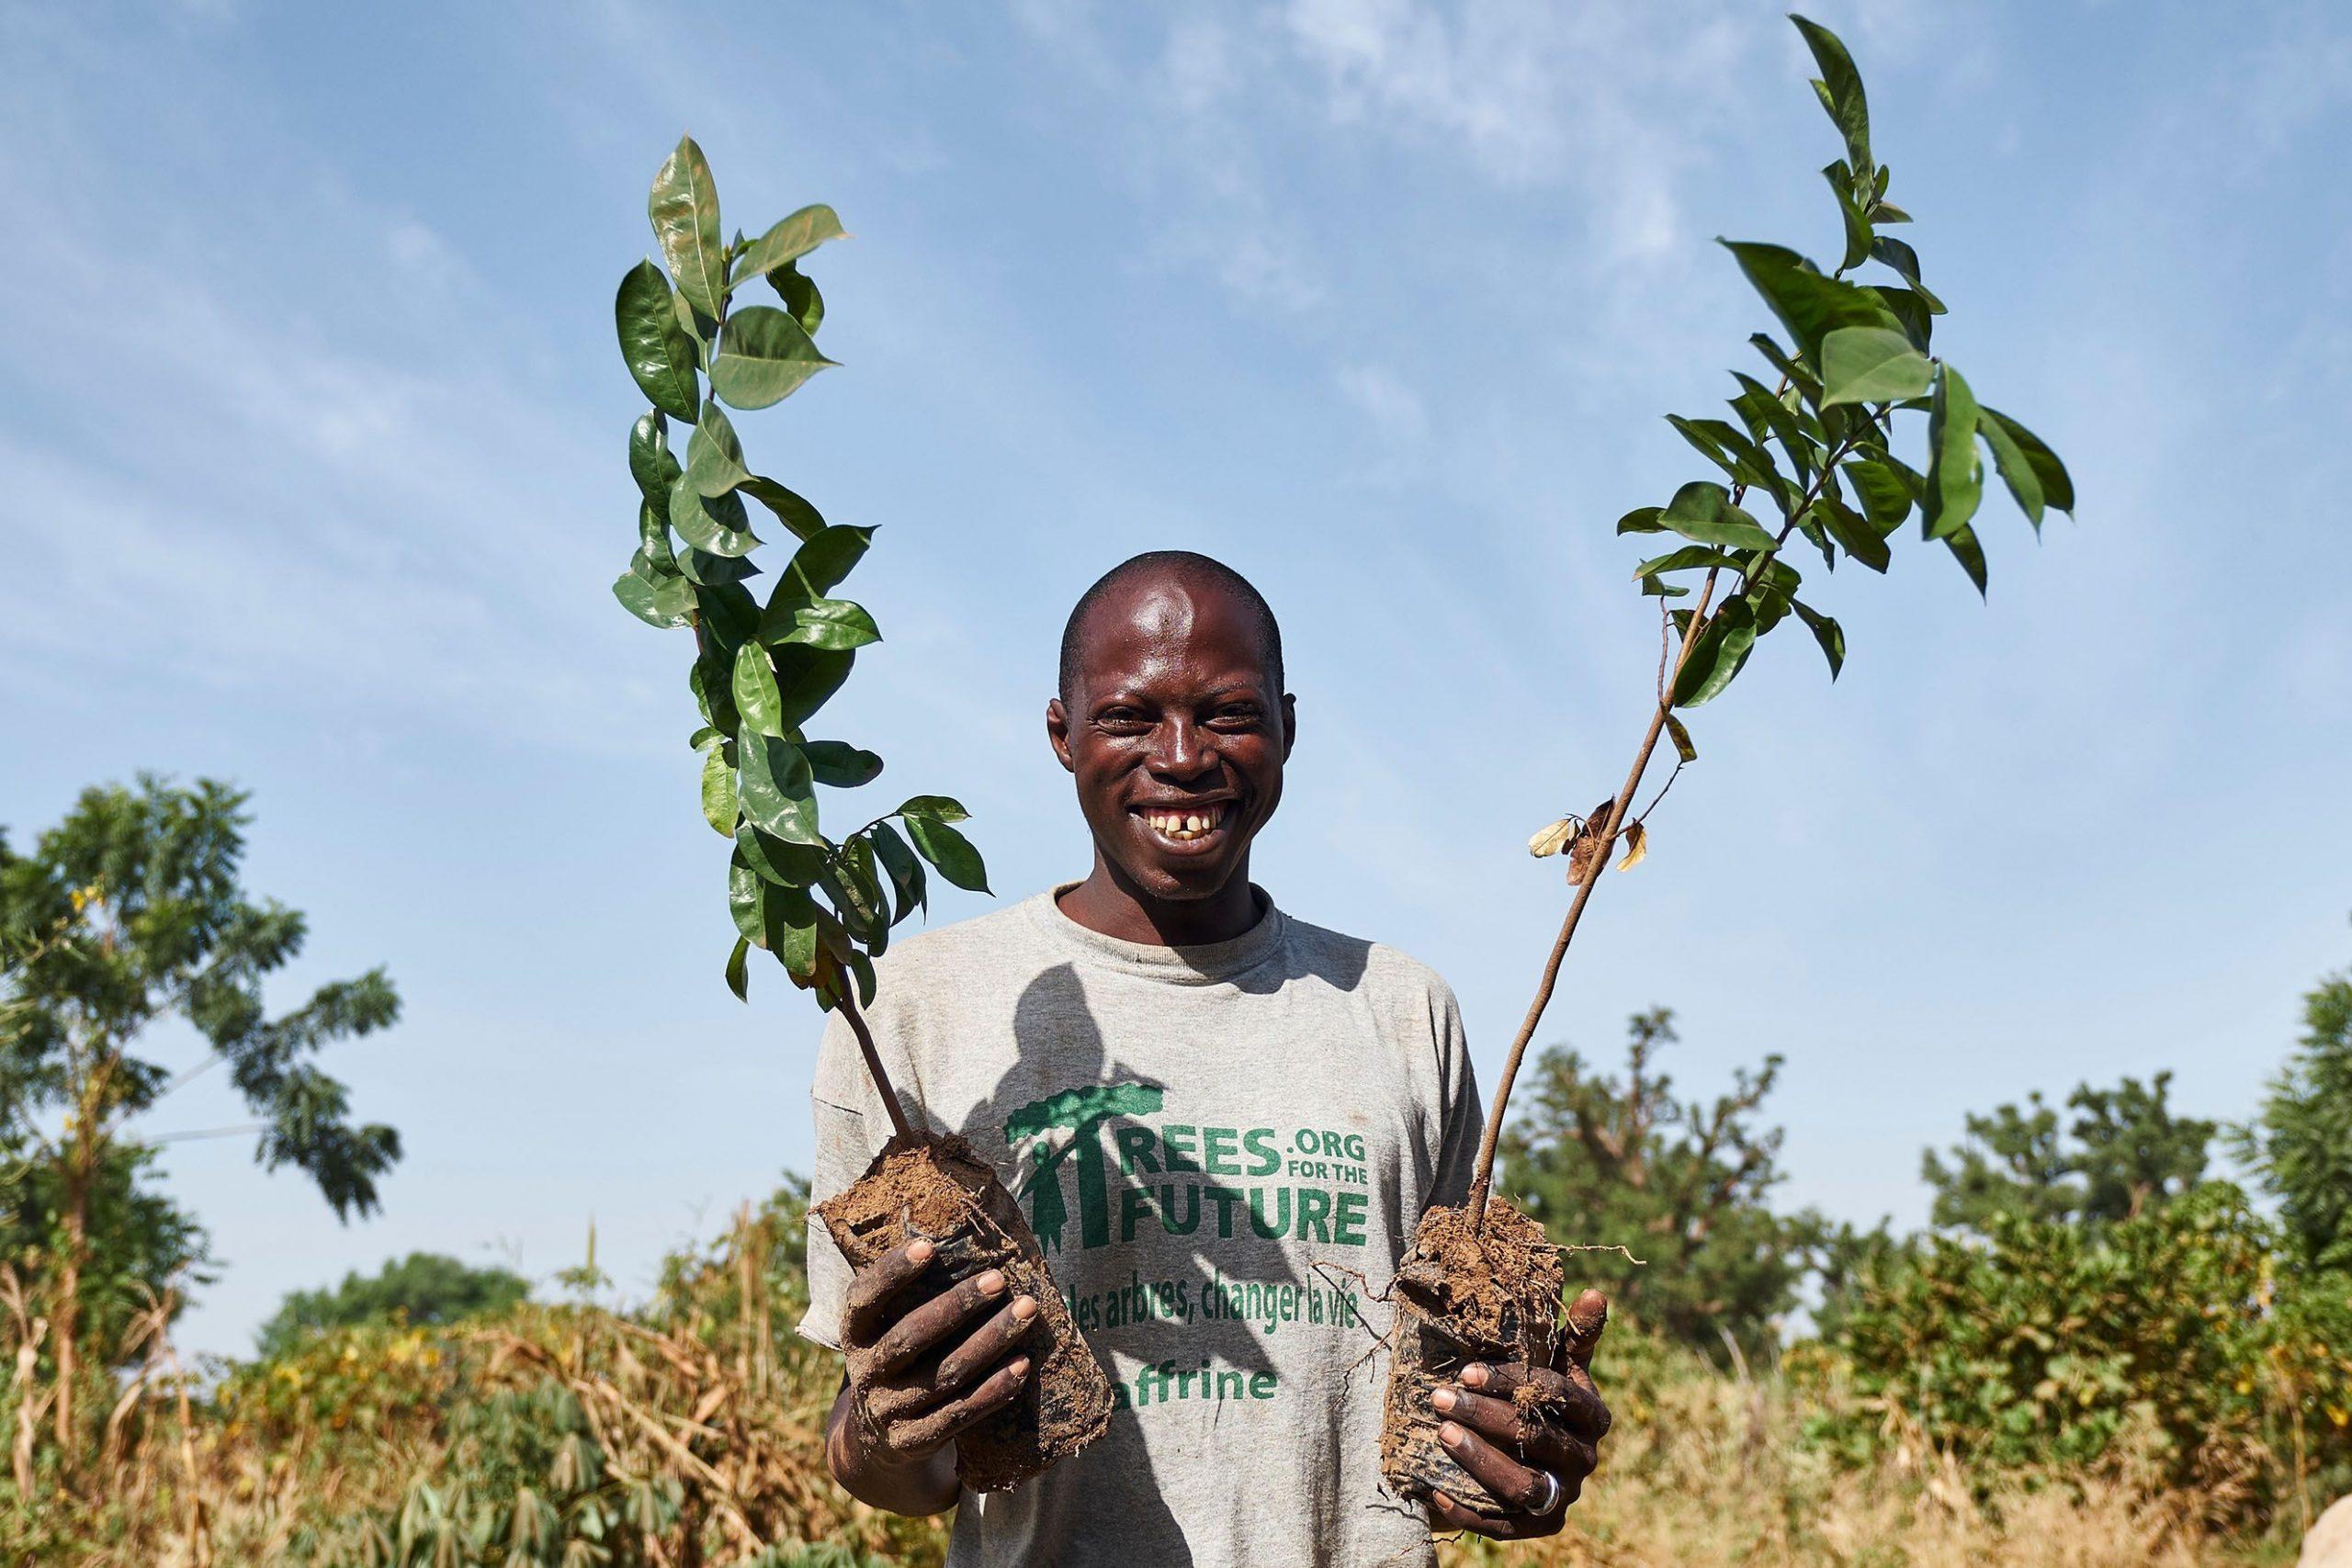 Smoking® colabora en el objetivo de plantar 54 millones de árboles en el África Subsahariana